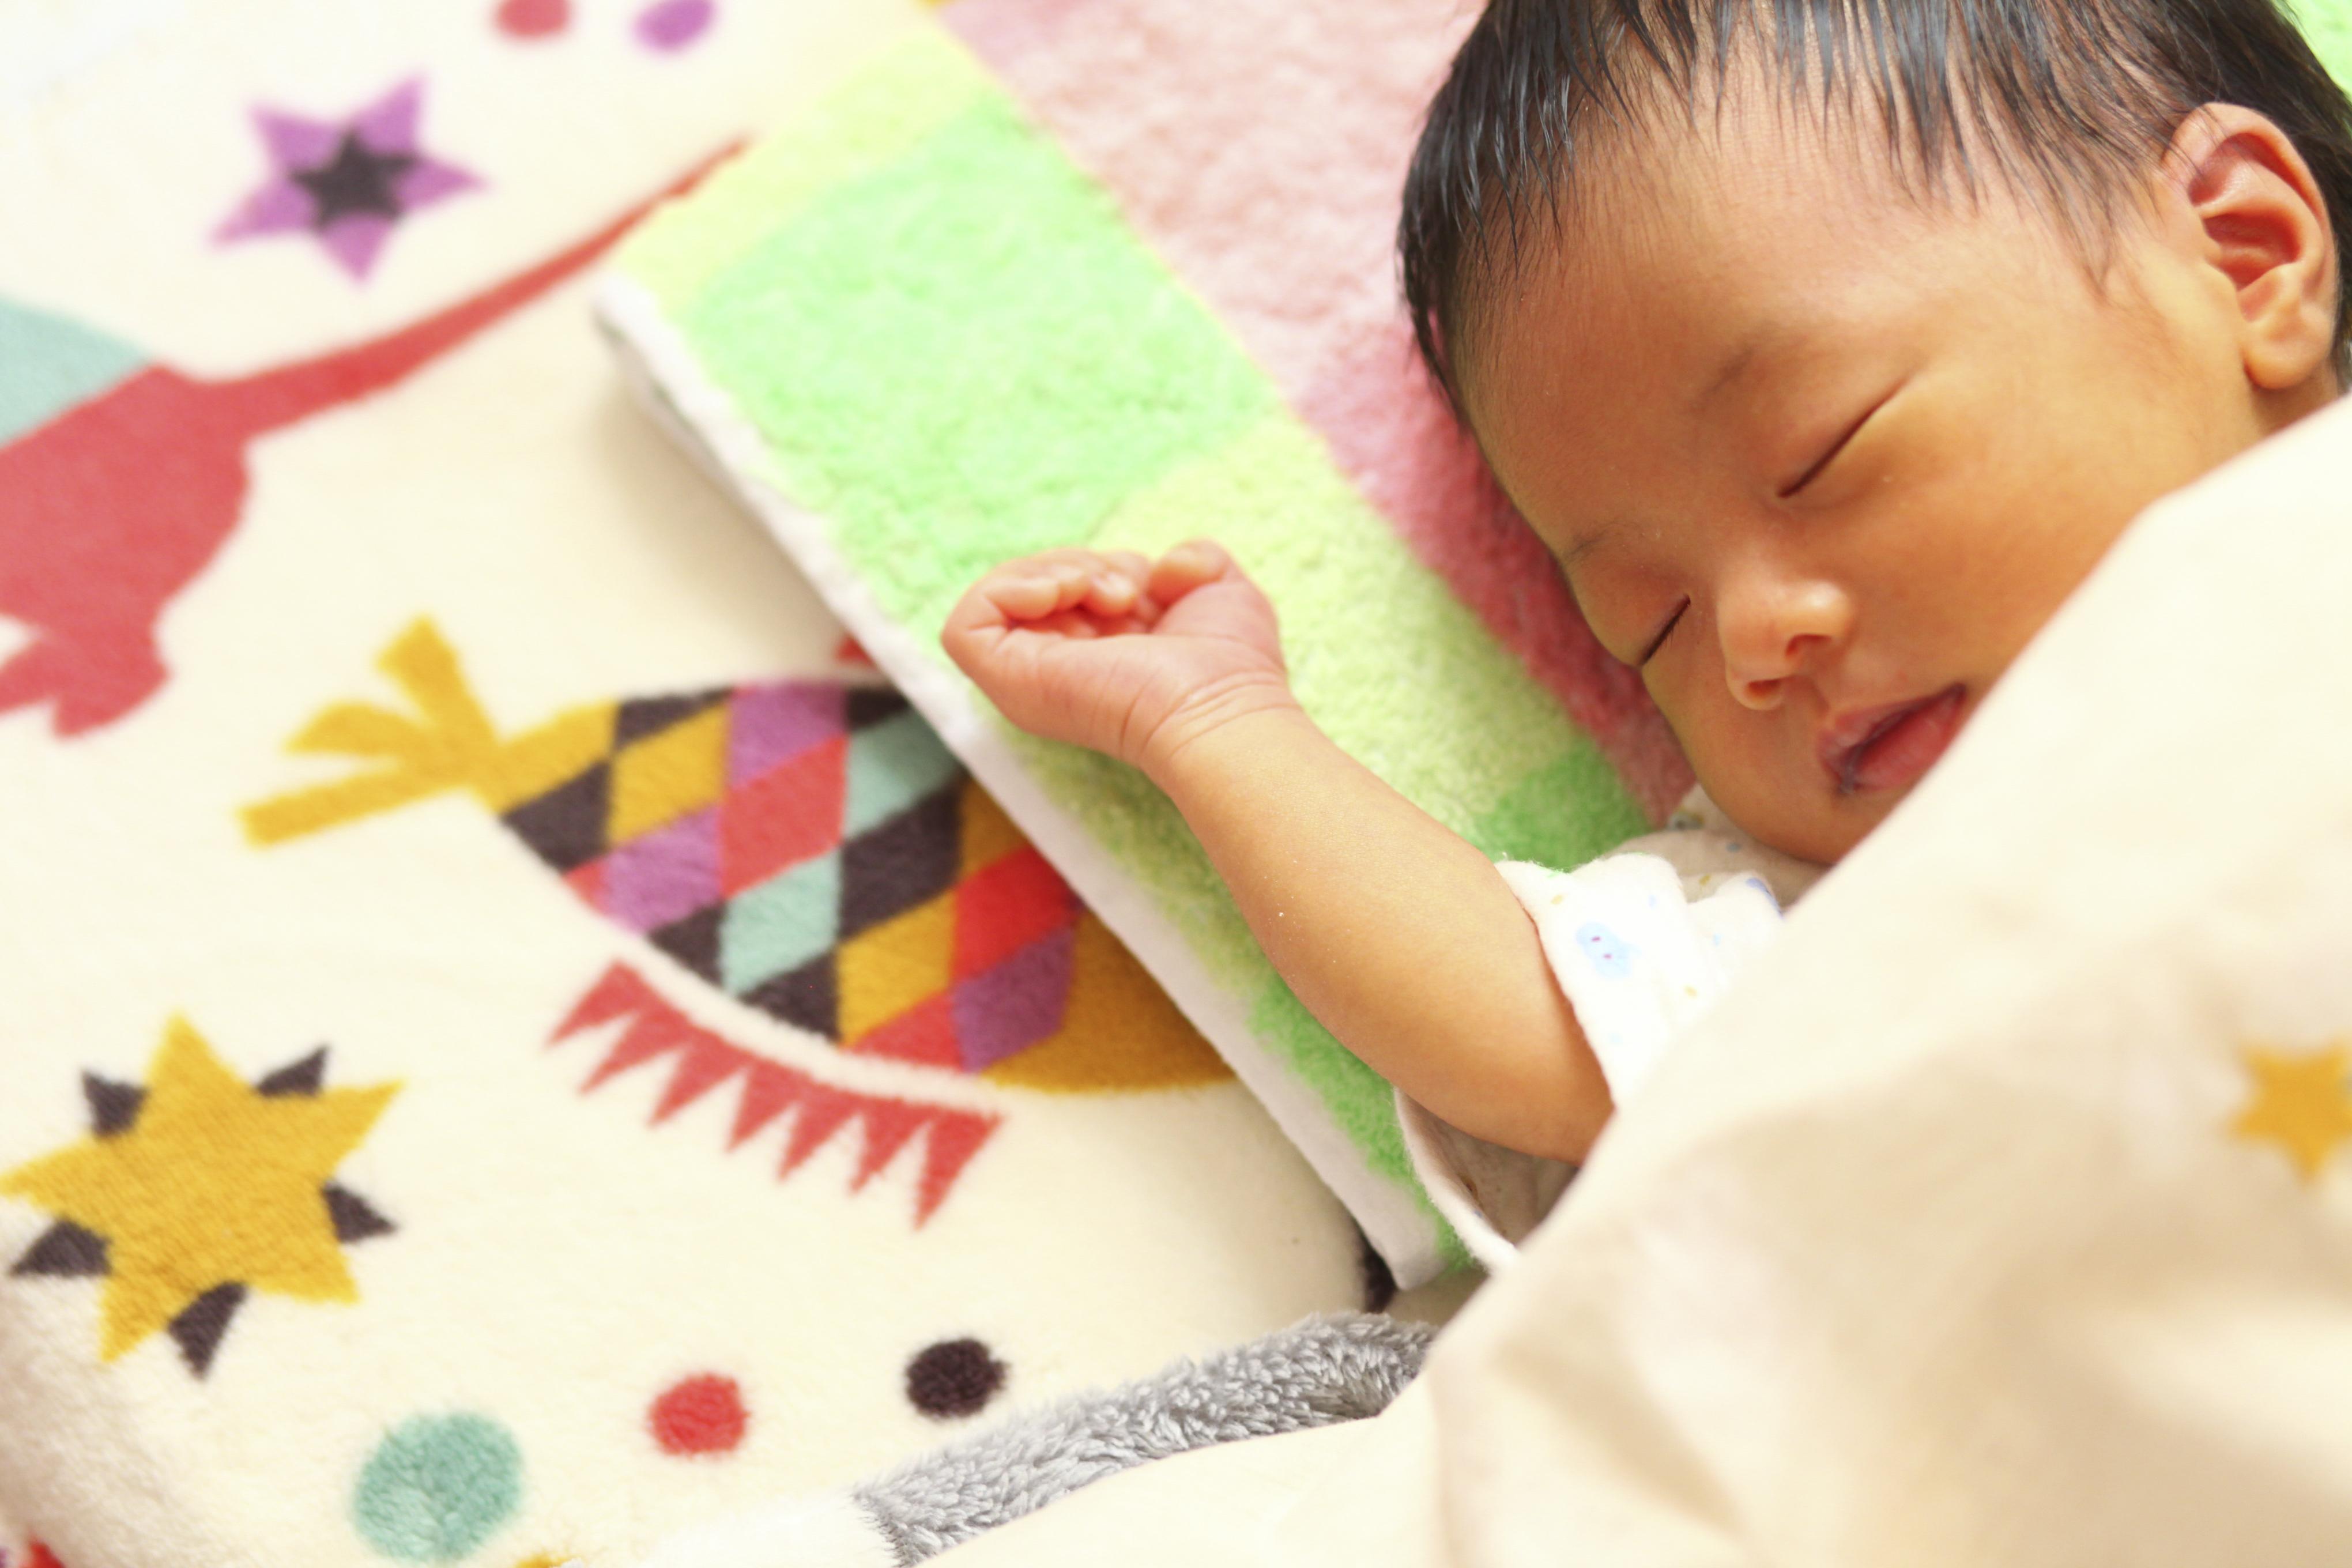 赤ちゃんの成長をお祝い!1年間でどんなことをする?いつしたらいい?